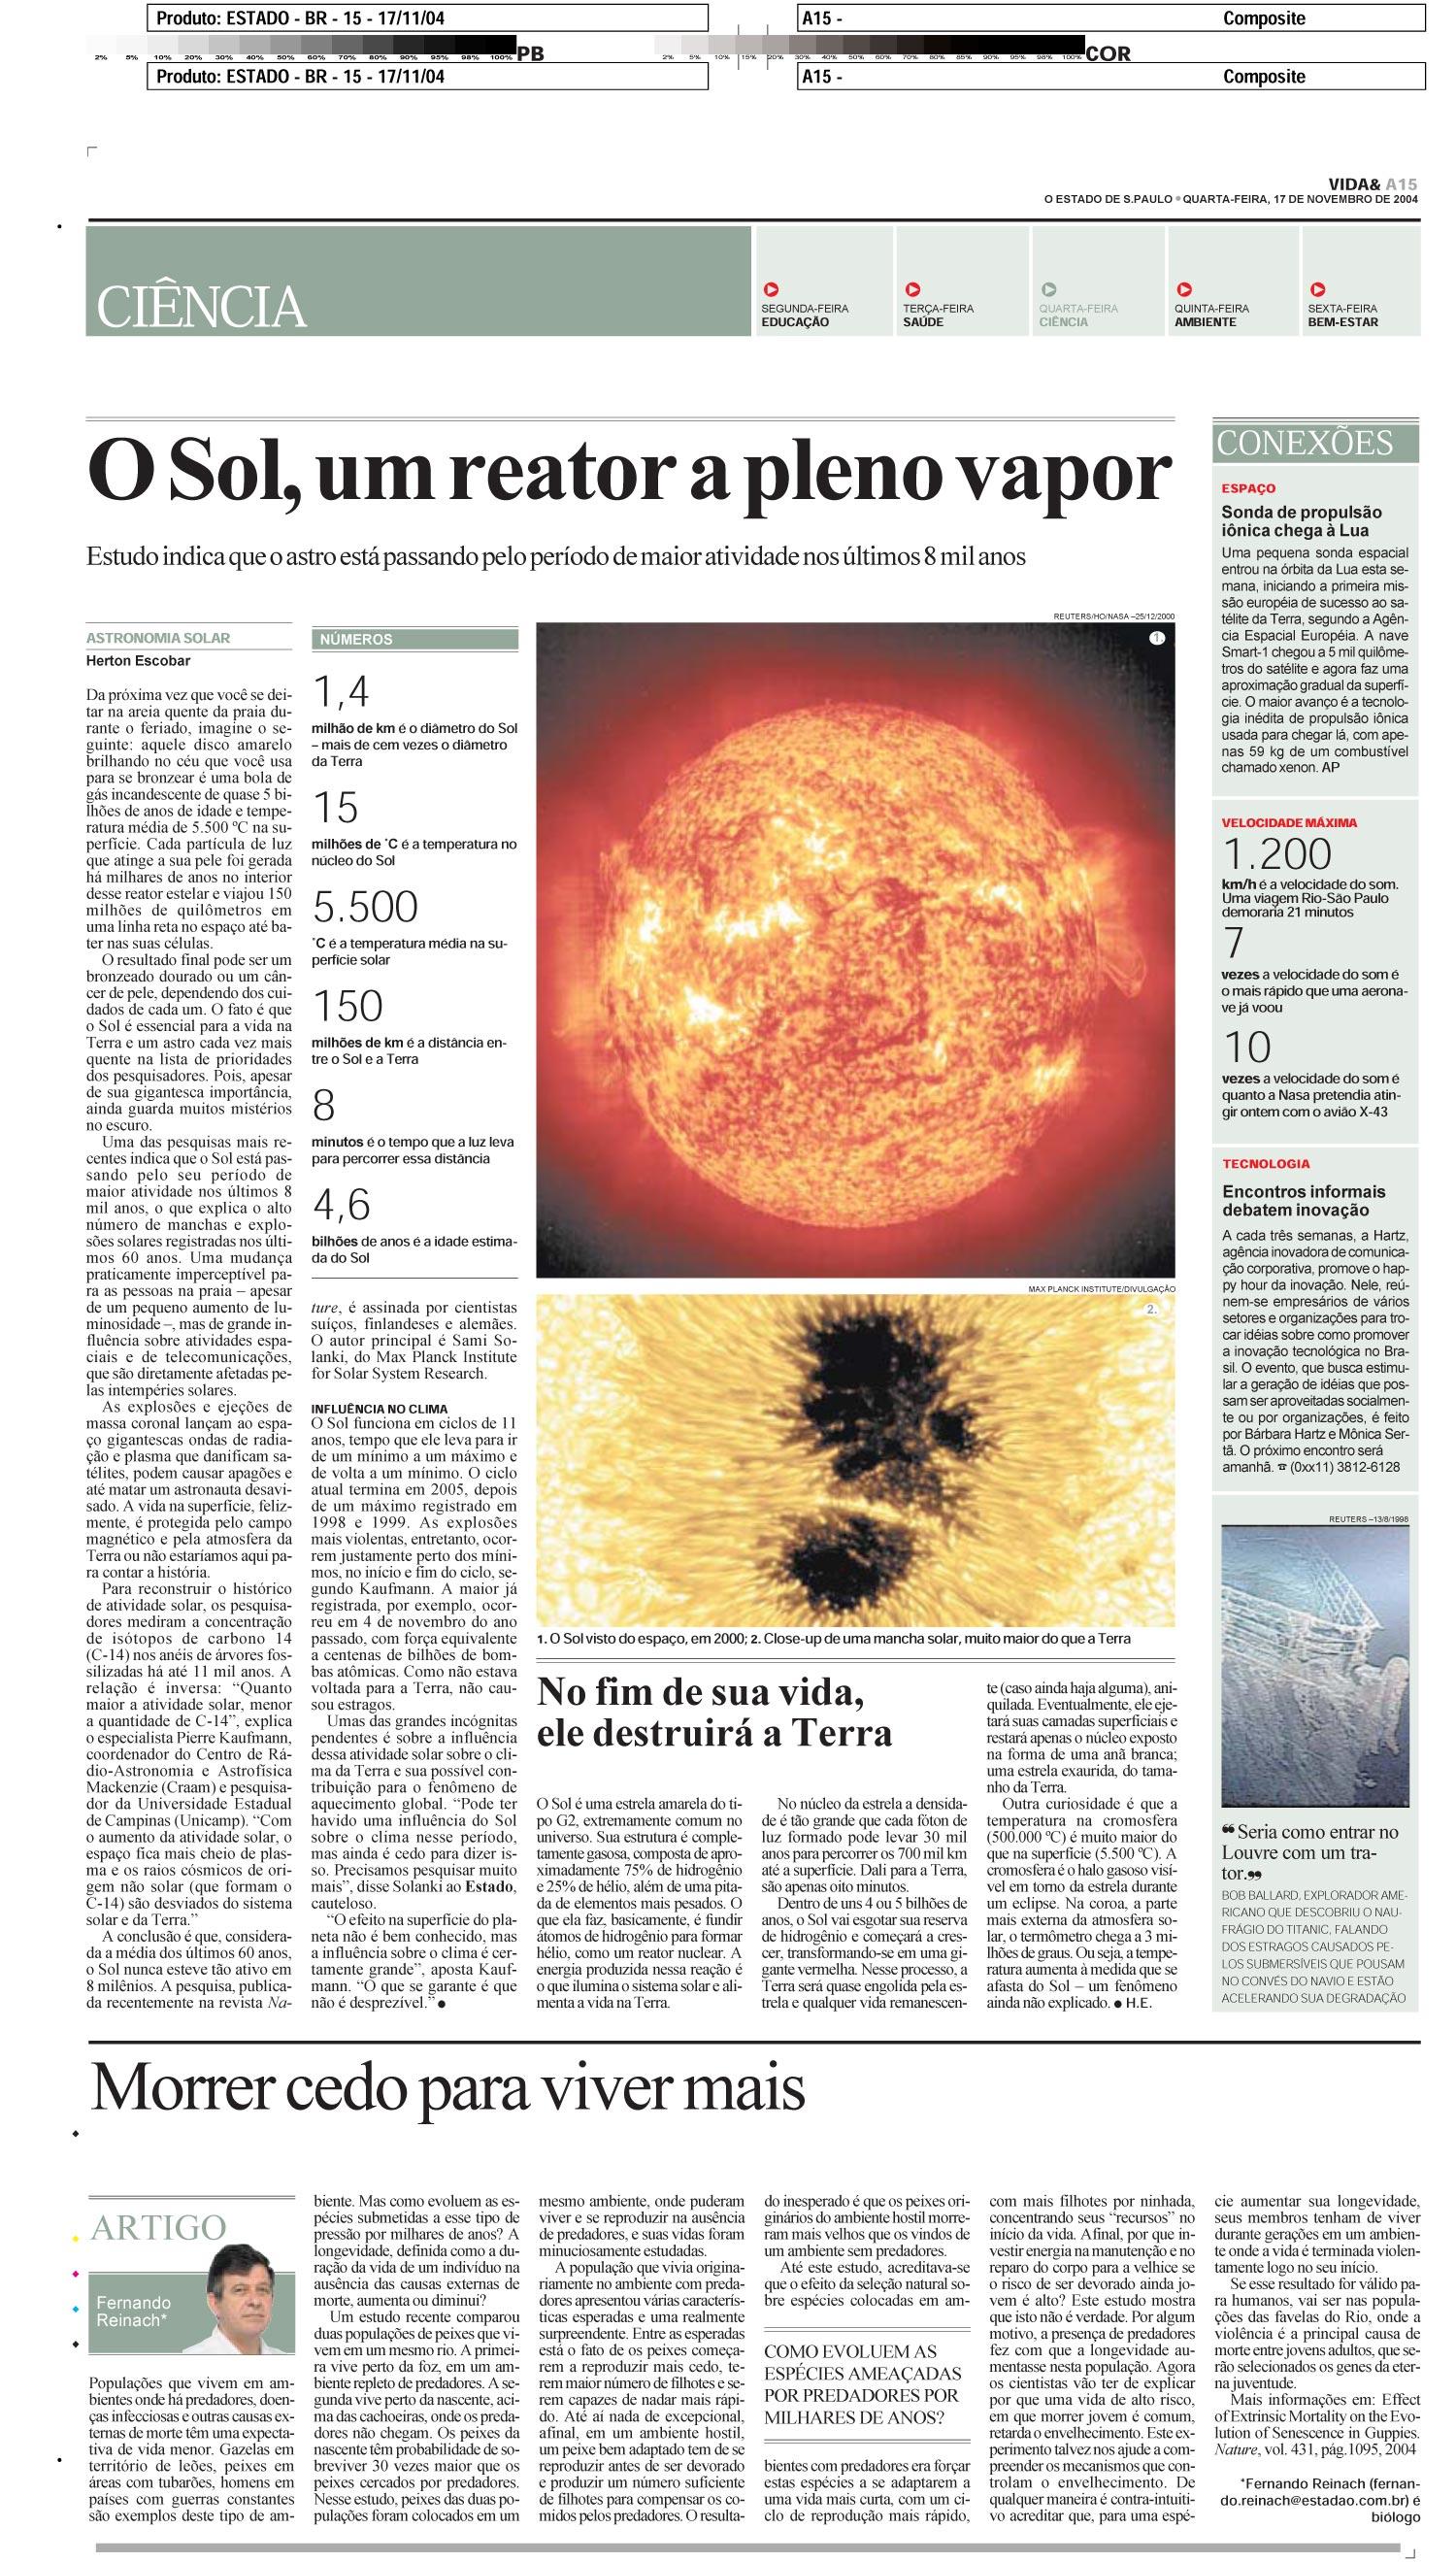 O Sol, um reator a pleno vapor